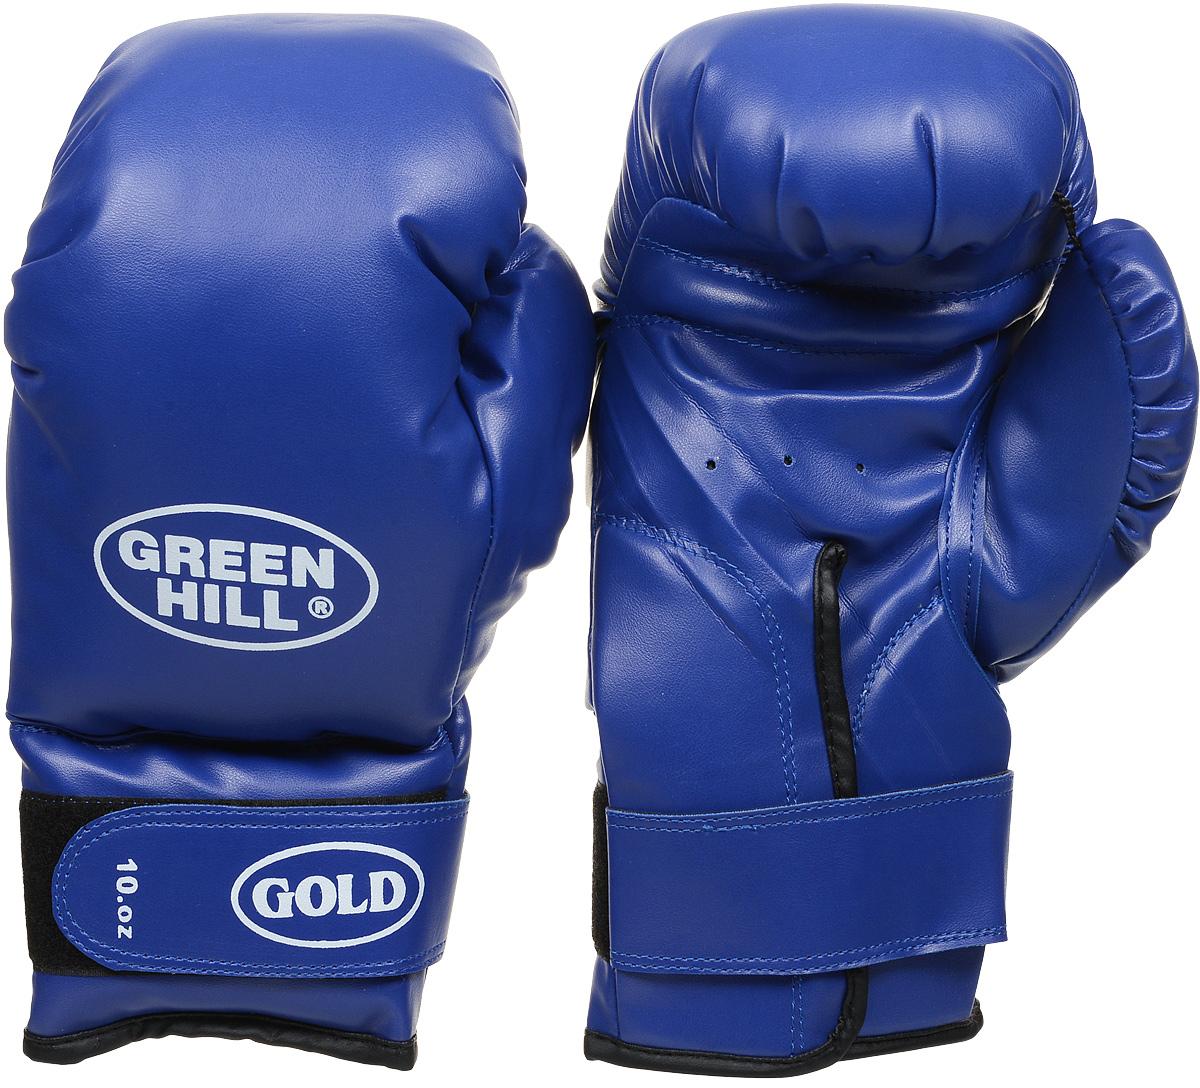 Перчатки боксерские Green Hill Gold, цвет: синий. Вес 10 унцийKBF-2106LRБоксерские тренировочные перчатки Green Hill Gold отлично подойдут для начинающих спортсменов. Верх выполнен из искусственной кожи. Мягкий наполнитель из очеса предотвращает любые травмы. Широкий ремень, охватывая запястье, полностью оборачивается вокруг манжеты, благодаря чему создается дополнительная защита лучезапястного сустава от травмирования. Застежка на липучке способствует быстрому и удобному одеванию перчаток, плотно фиксирует перчатки на руке.